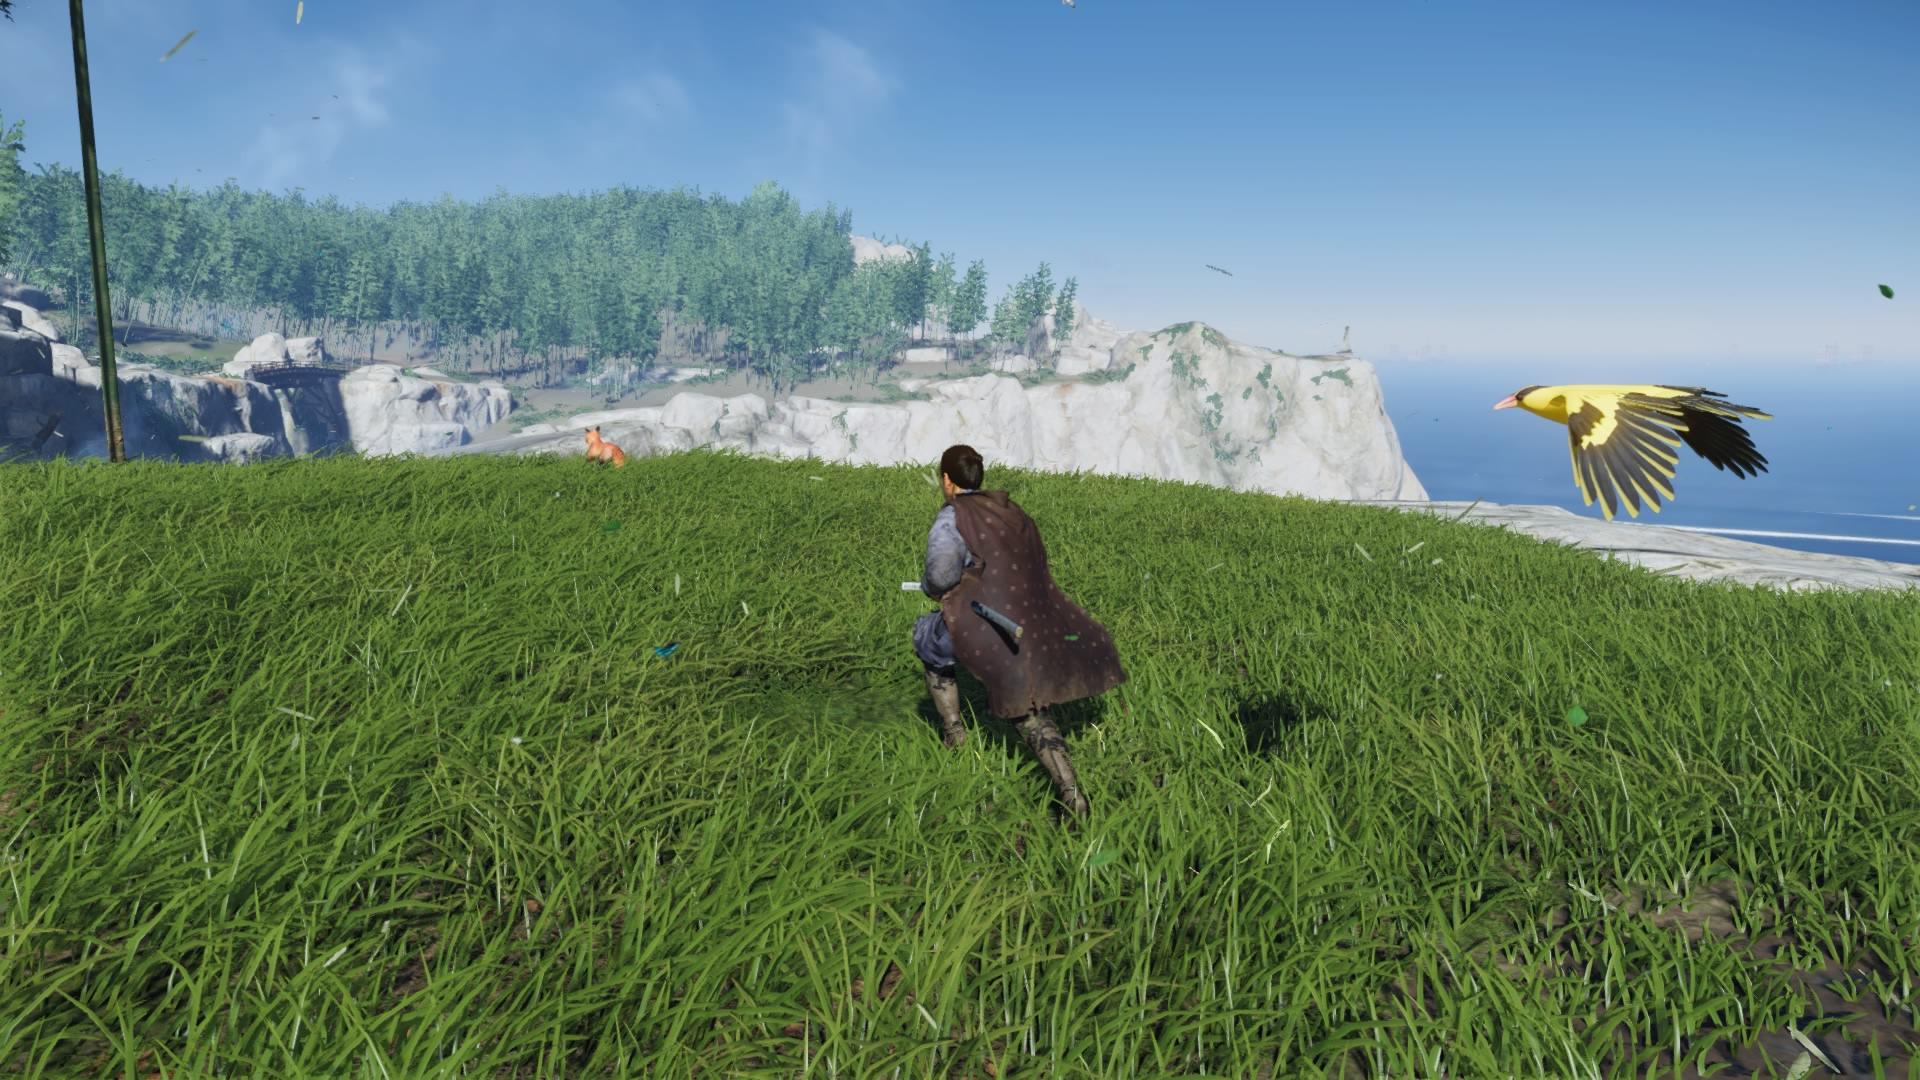 跟隨著這些動物,牠們將能帶你尋找到隱藏的珍寶也說不定。(圖源:PS4 Pro)